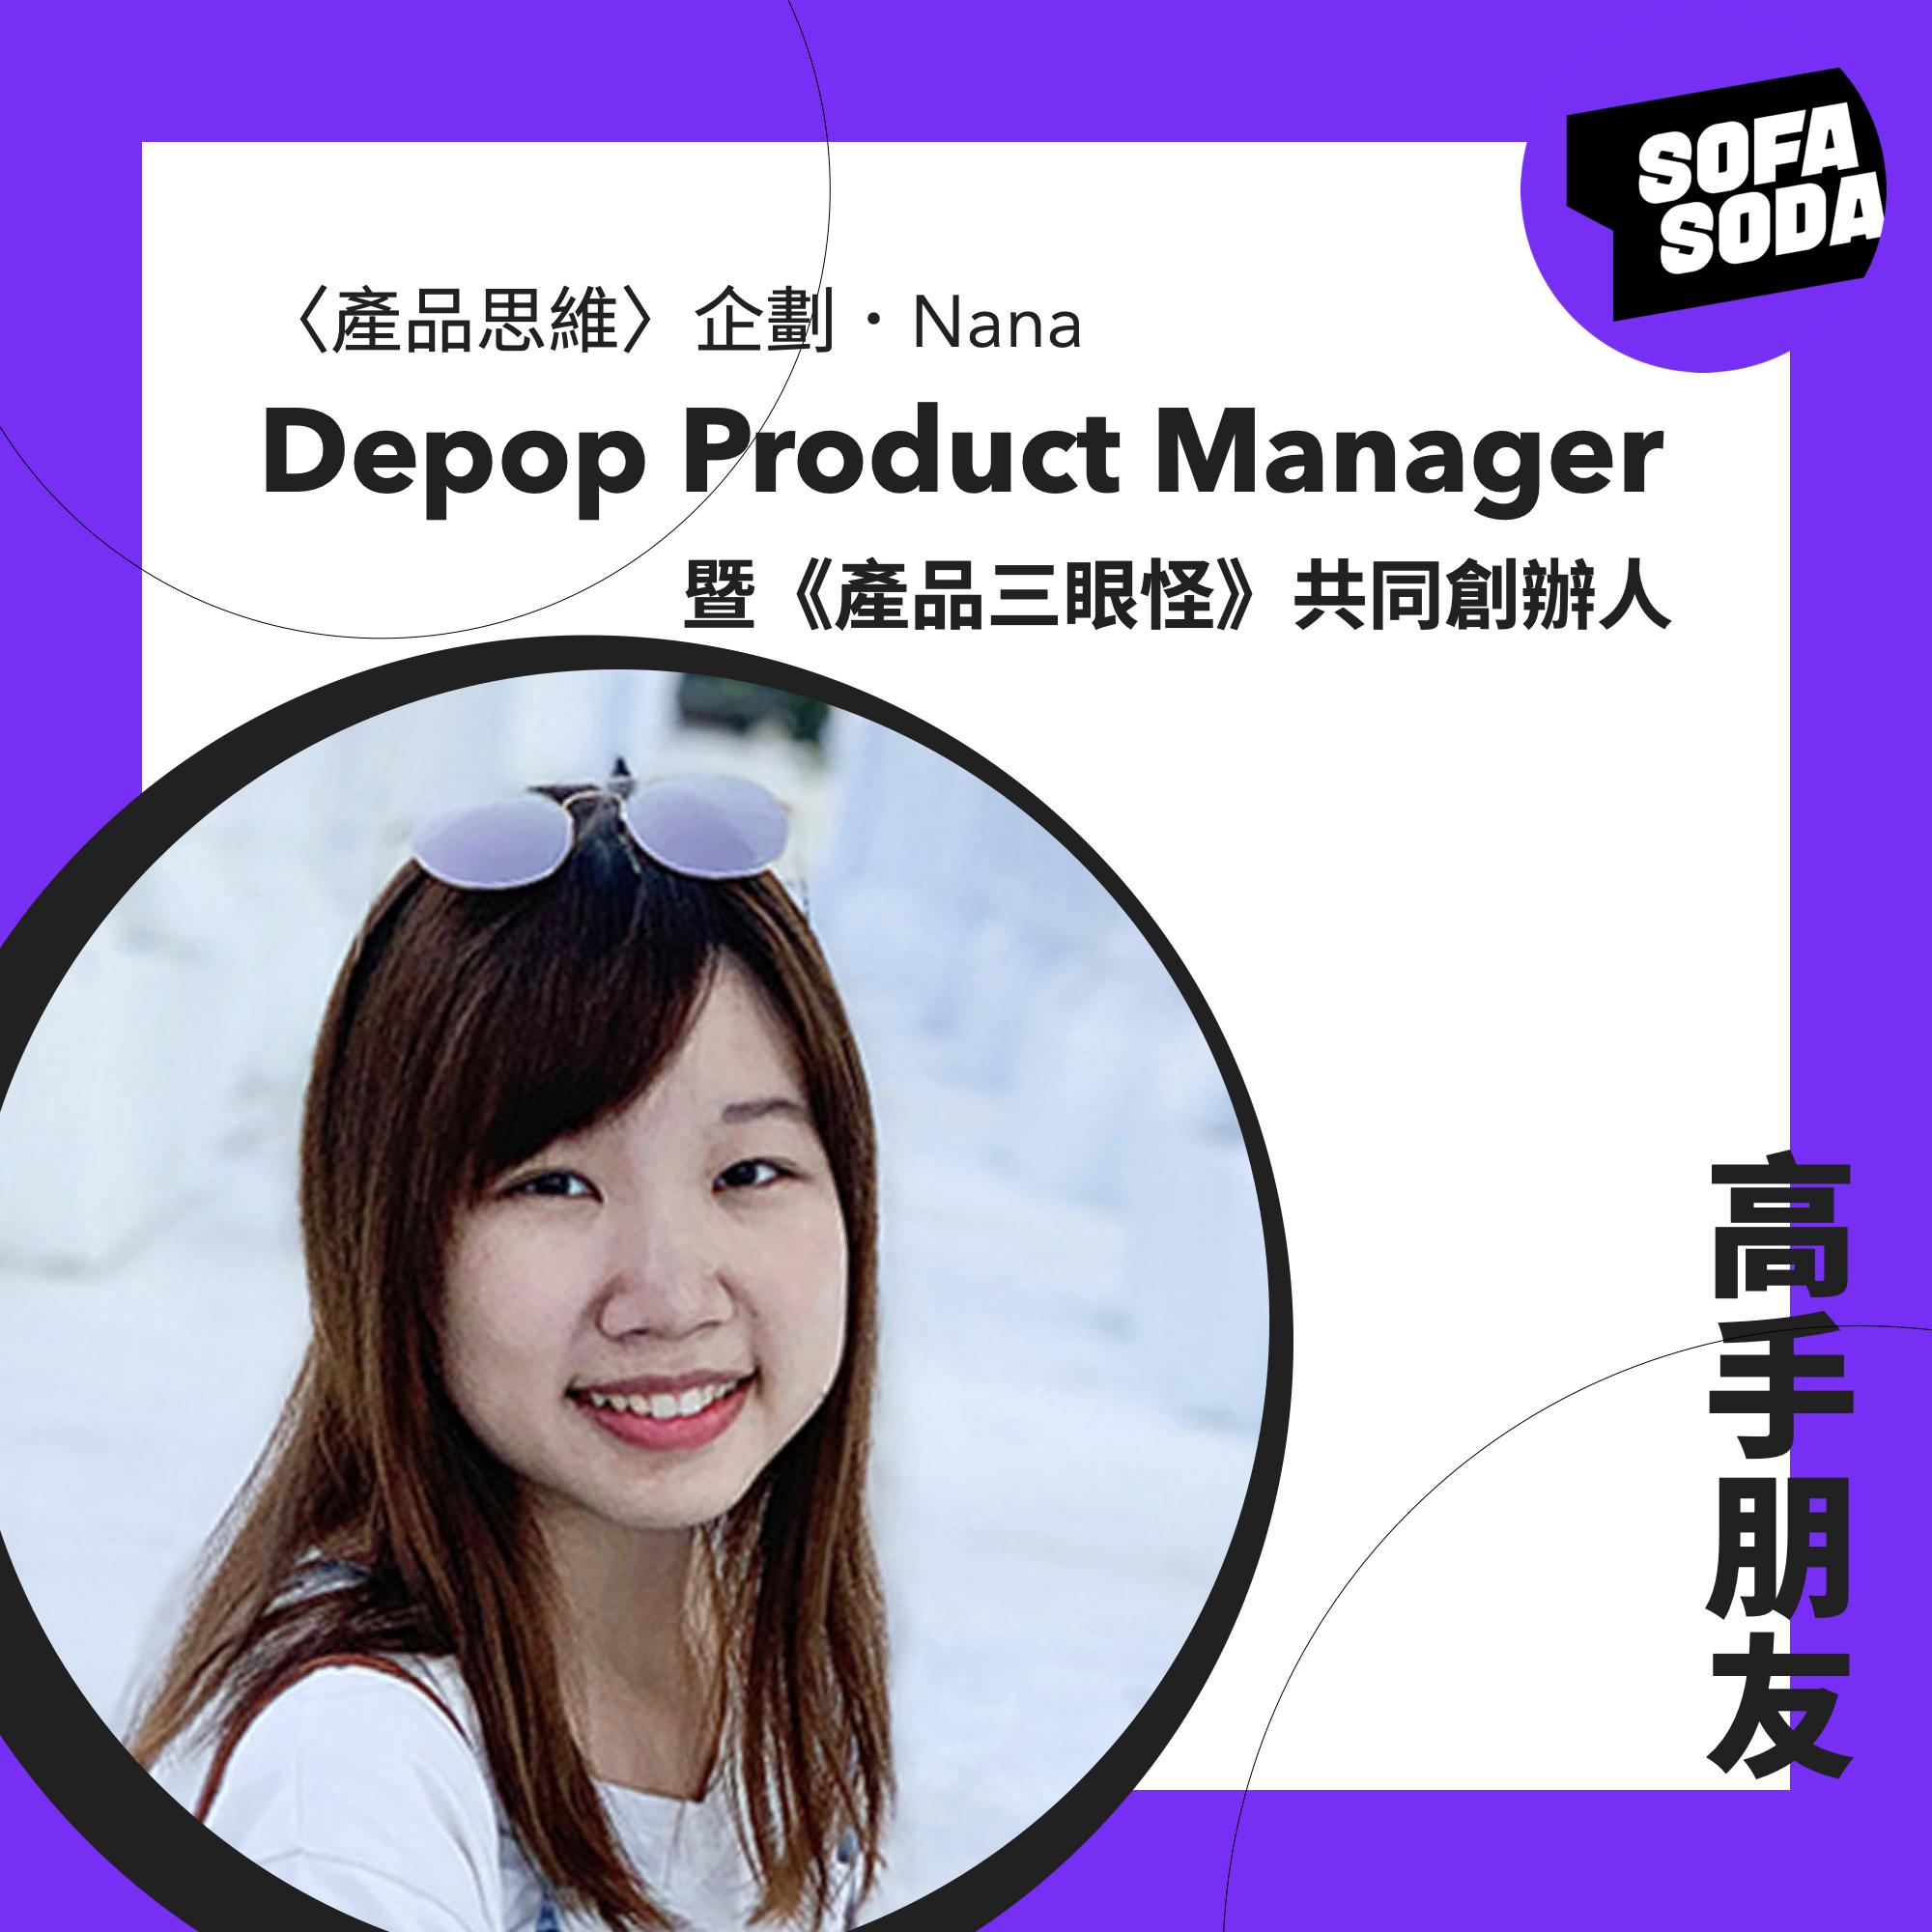 〈產品思維〉EP1|都叫做 PM 但其實不太一樣,在團隊中內外兼備的關鍵領航者 ft.Depop Product Manager / Nana #高手朋友 powered by sofasoda